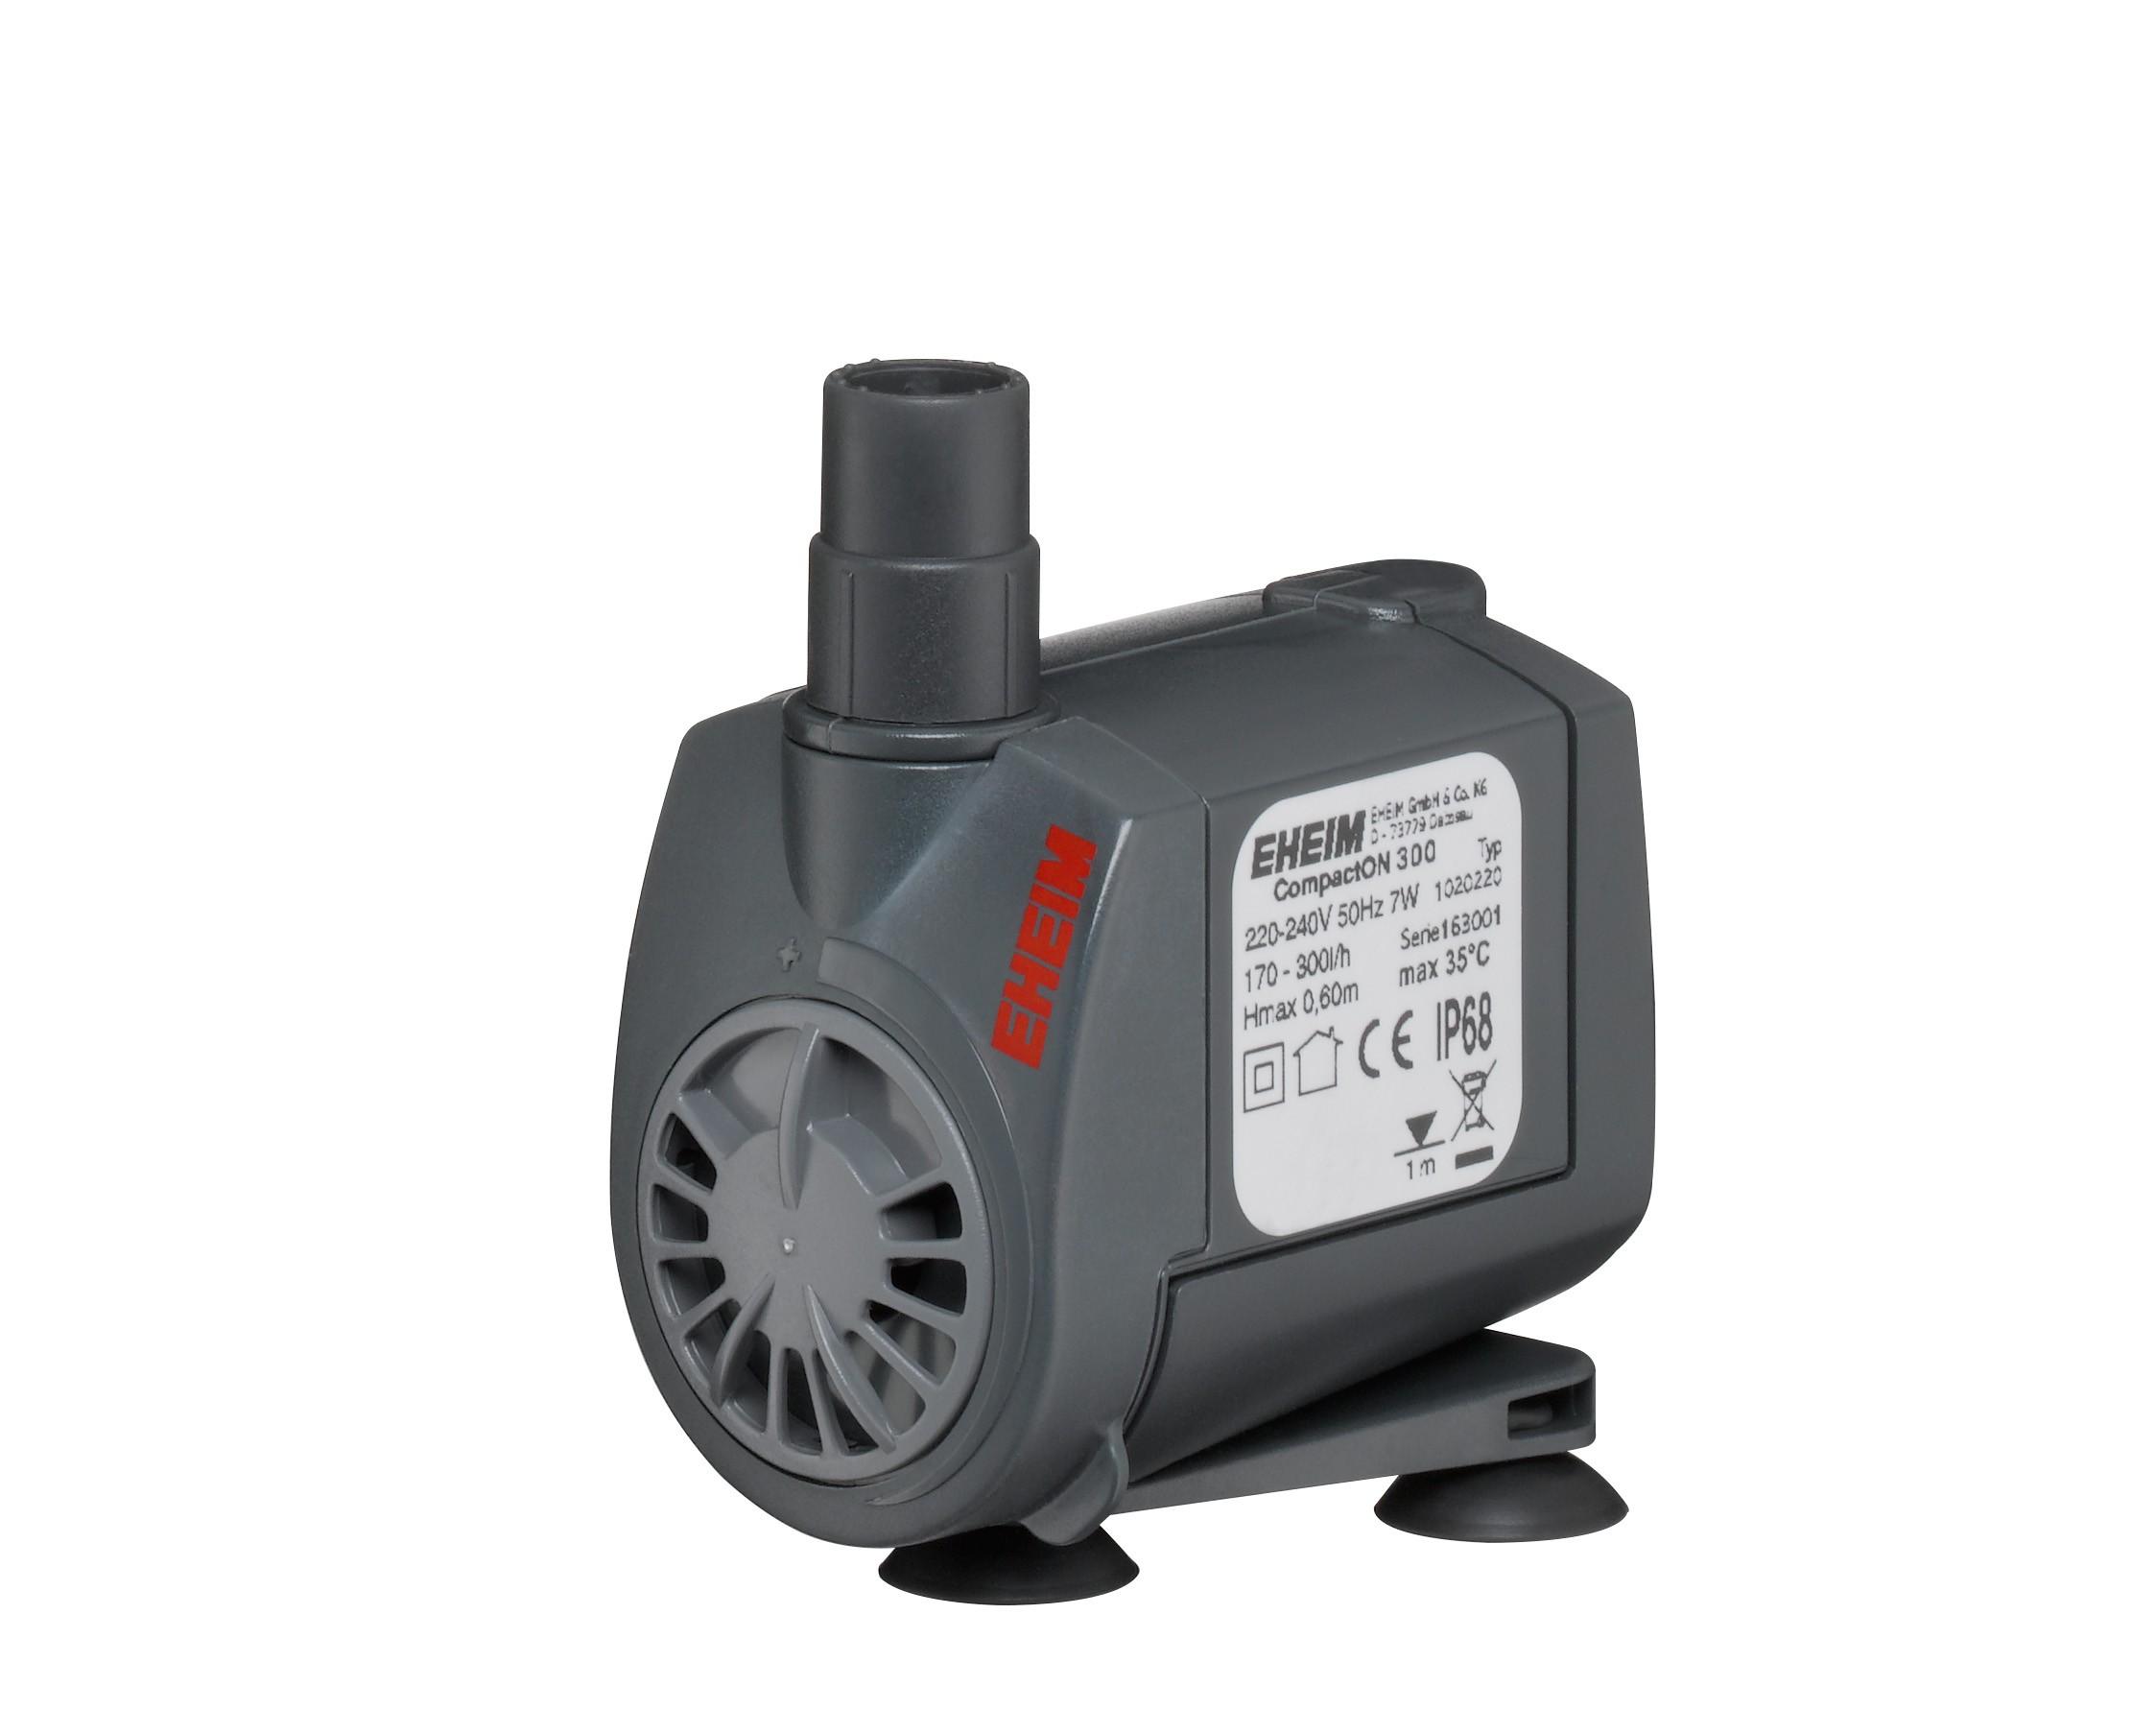 Eheim Compact on 600 Powerhead